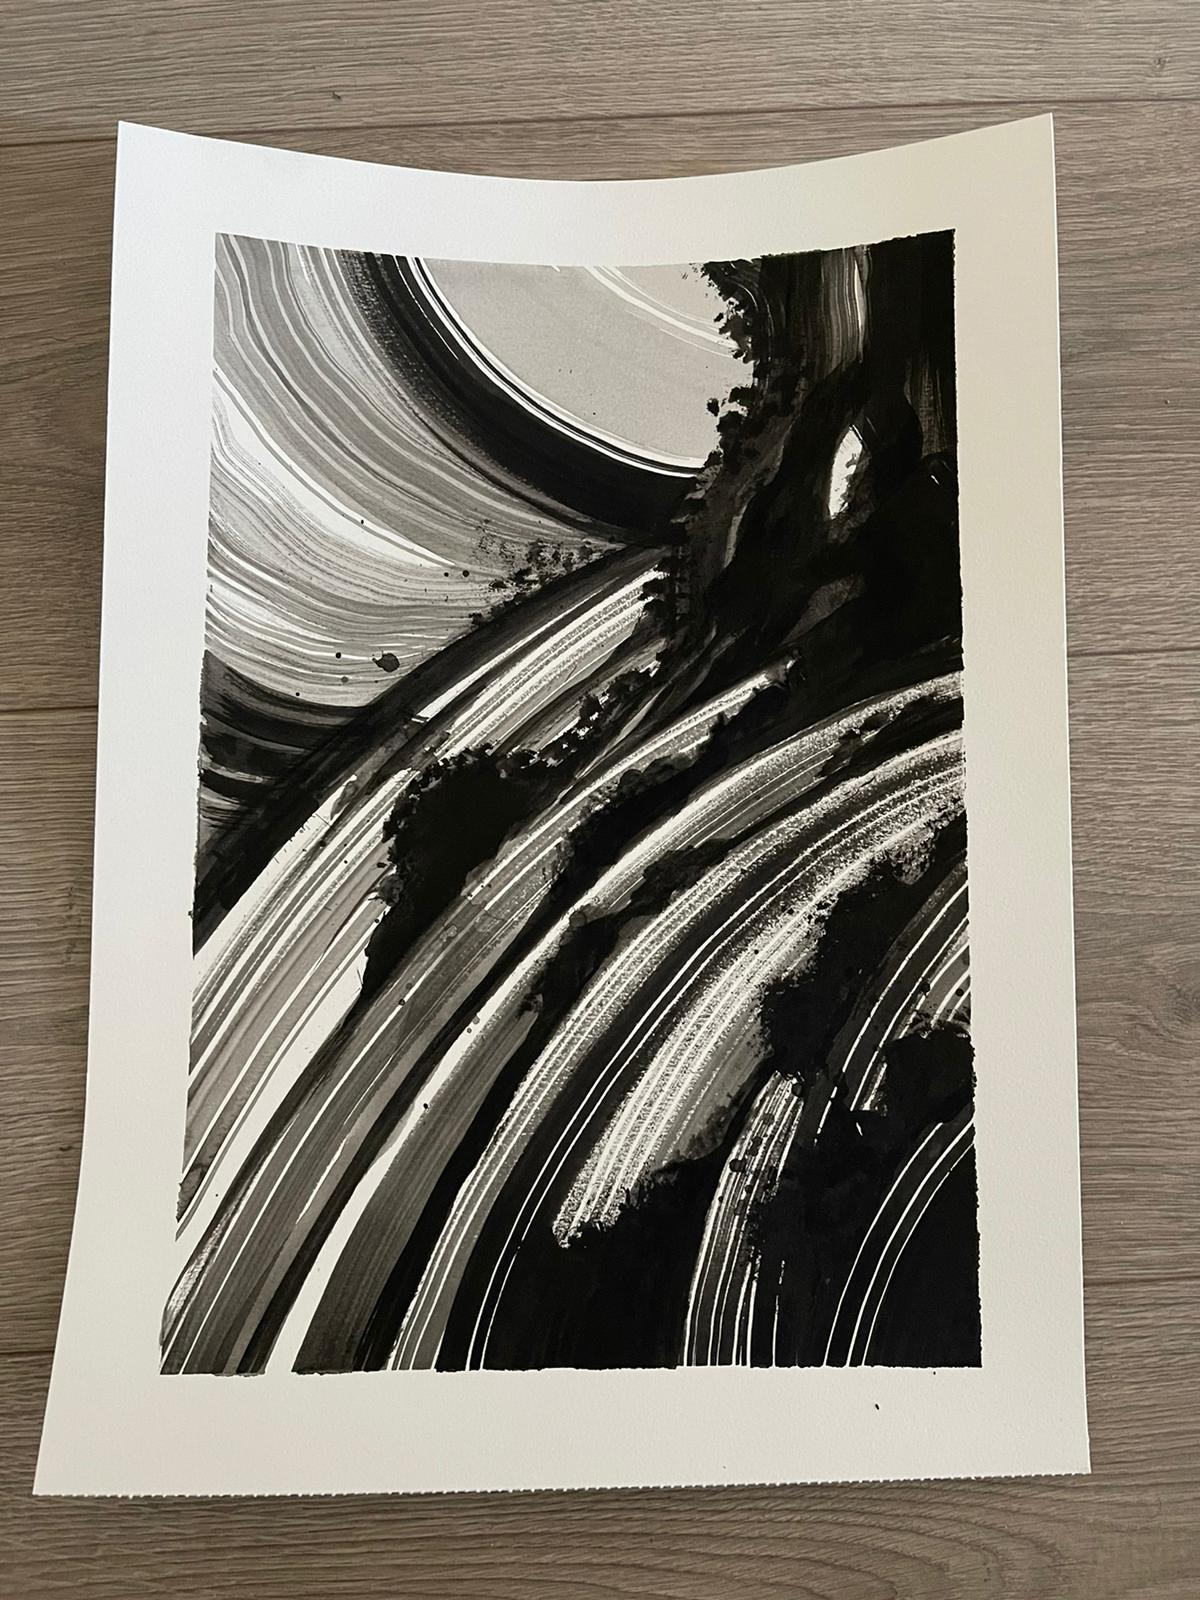 Image of Original painting by Jota #5